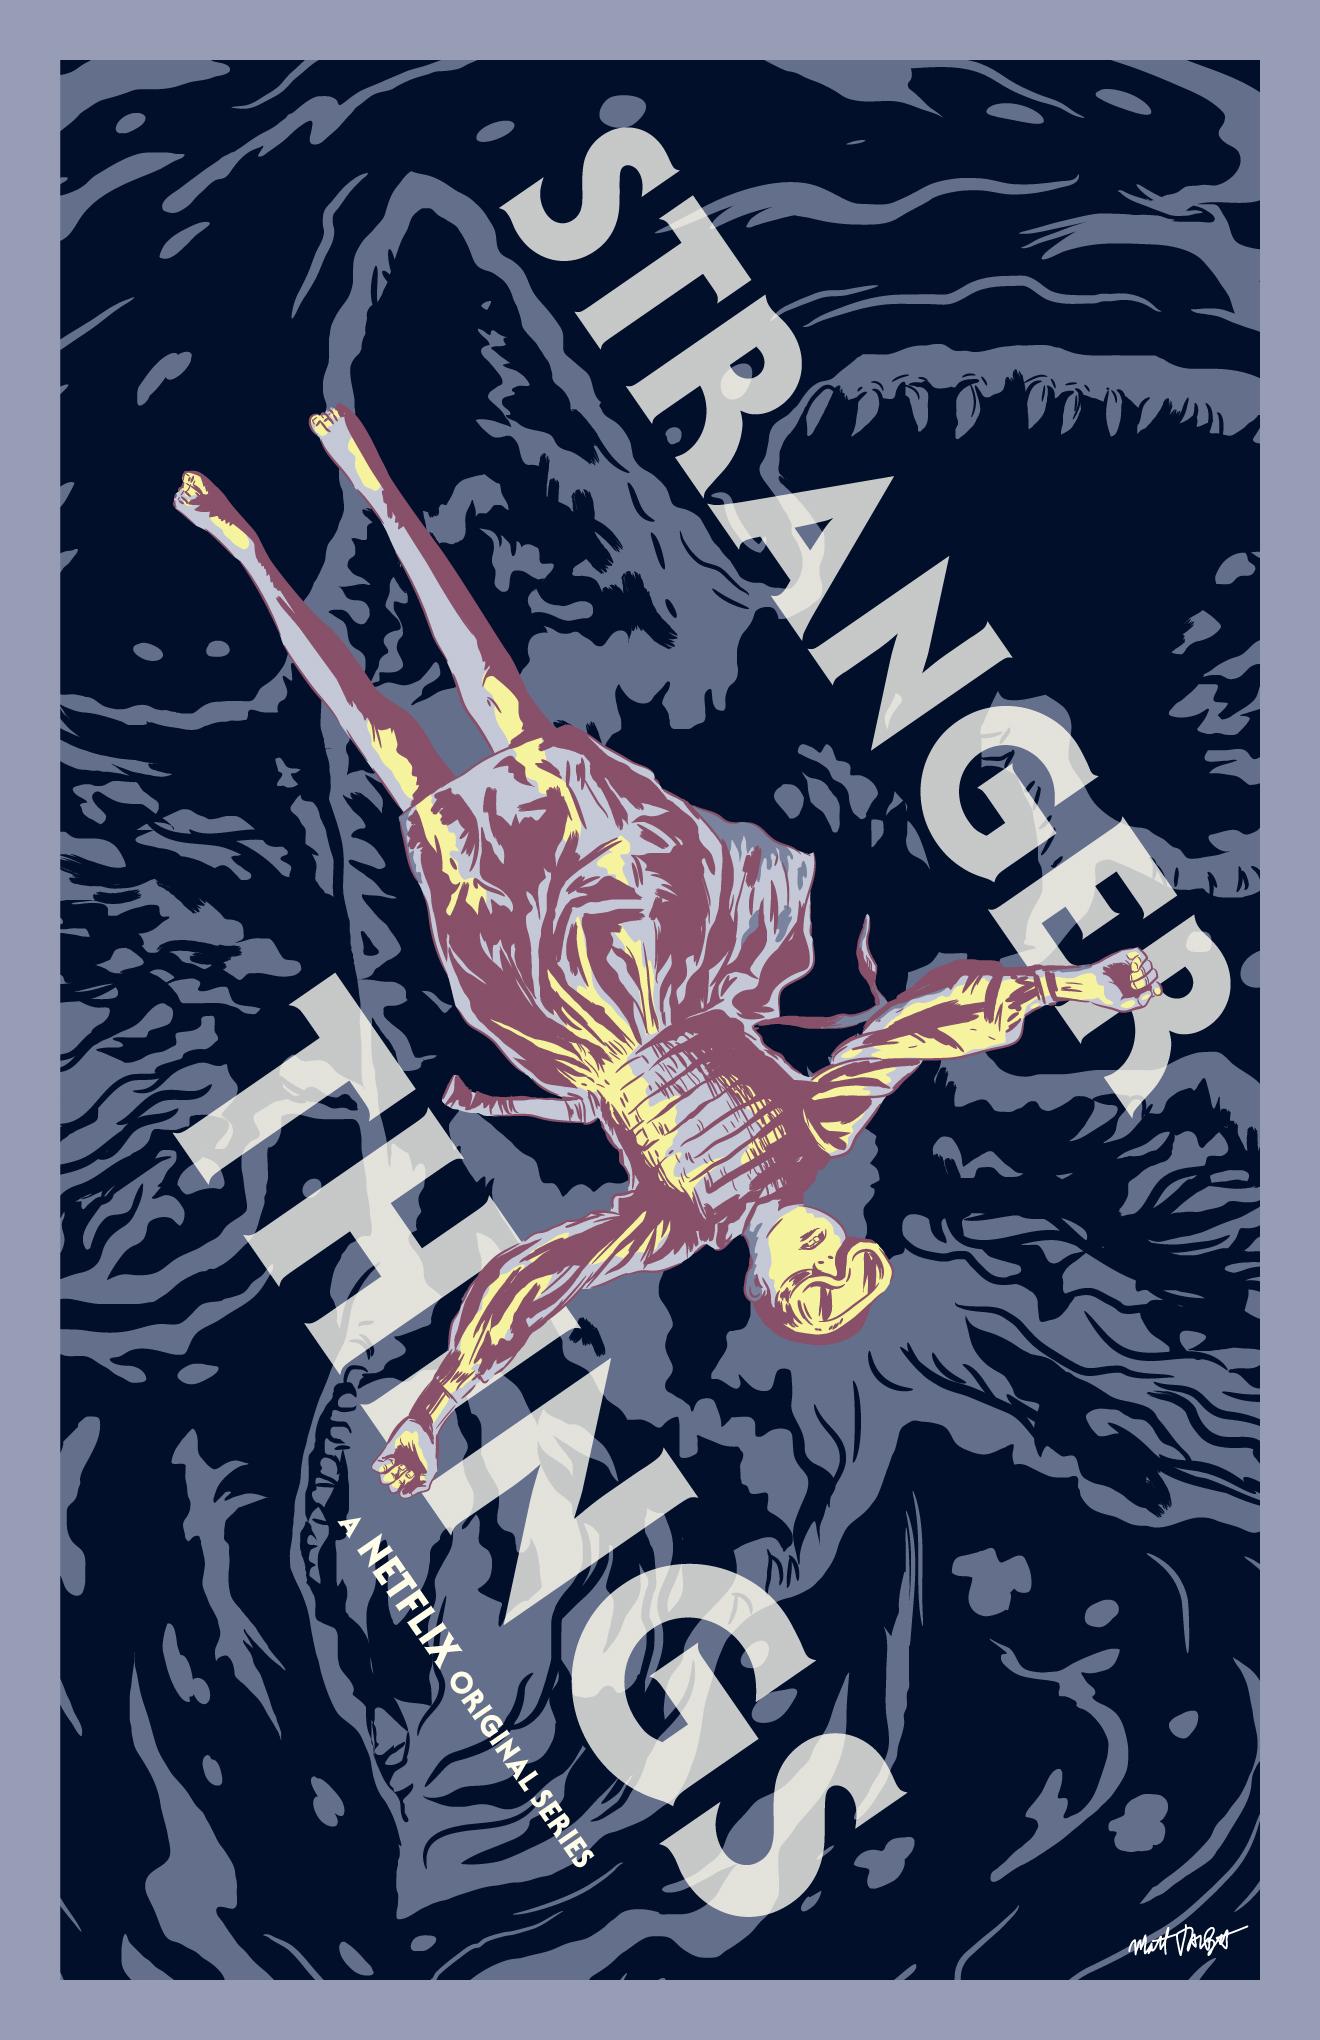 Stranger Things poster by Matt Talbot